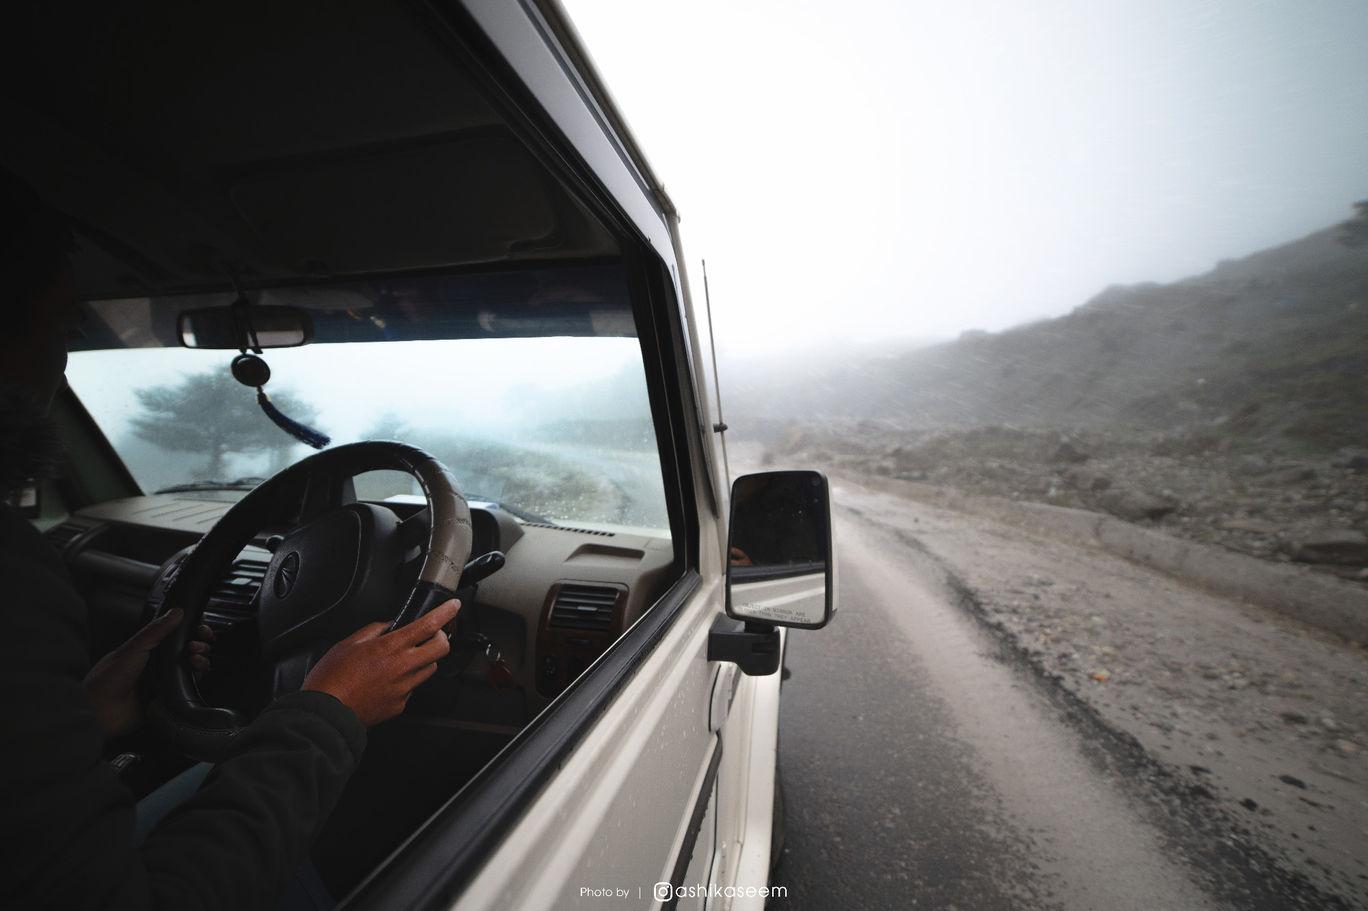 Photo of Bum La Pass By Ashik Aseem